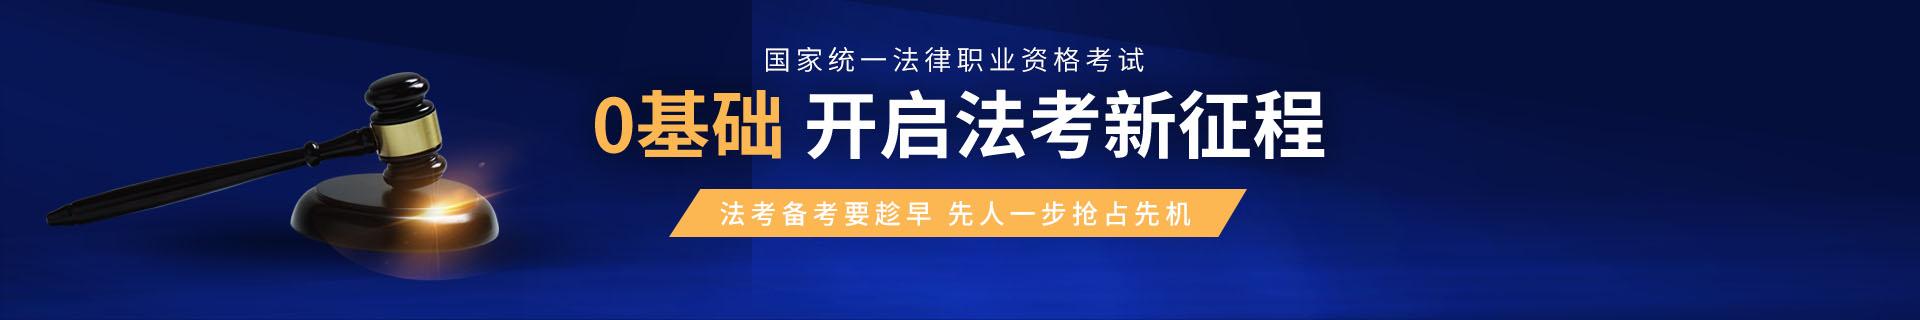 河南三门峡优路教育培训学校